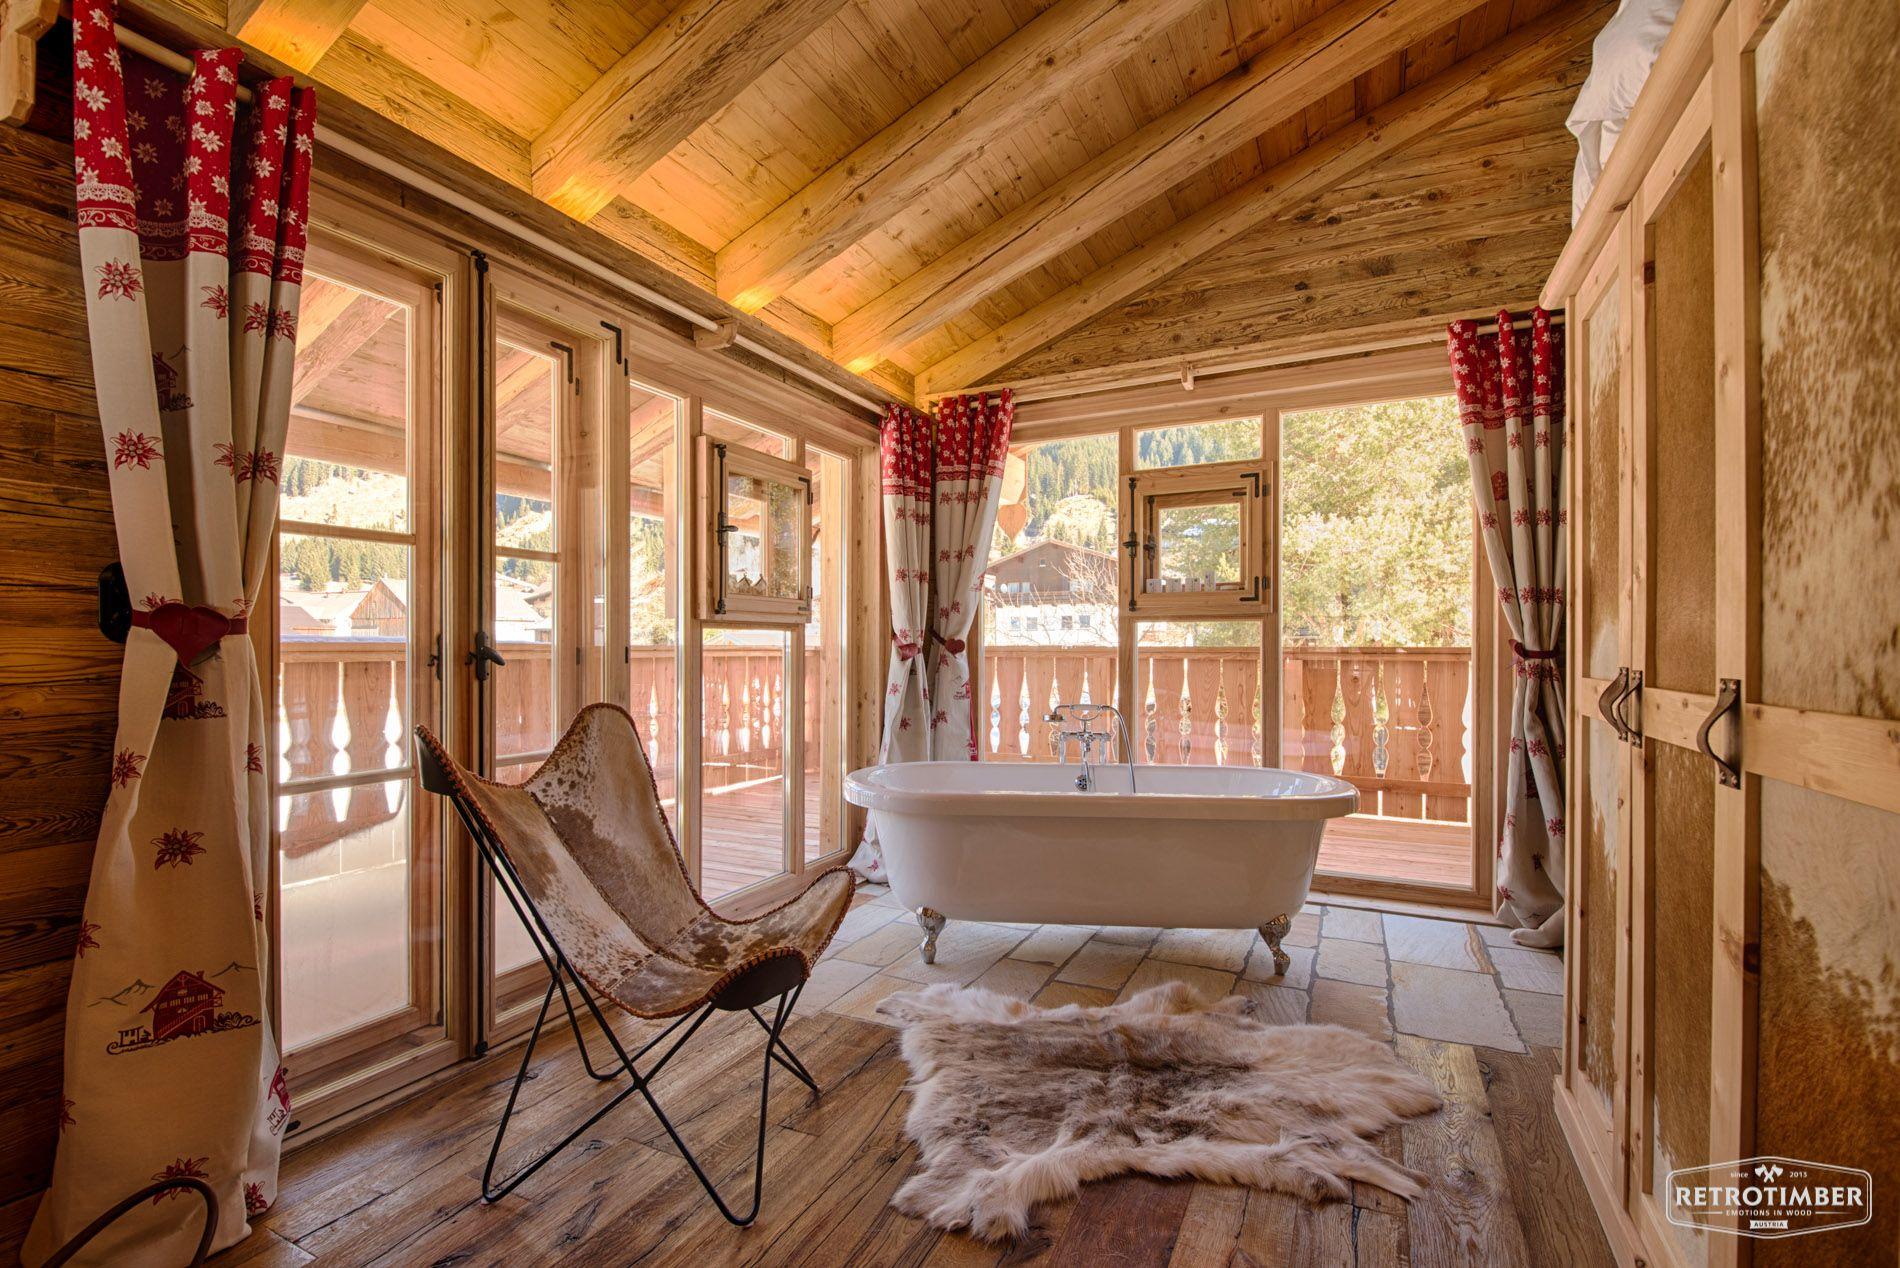 retrotimber altholz balken hausbau bau fichte l rche landhausstil badezimmer bad. Black Bedroom Furniture Sets. Home Design Ideas